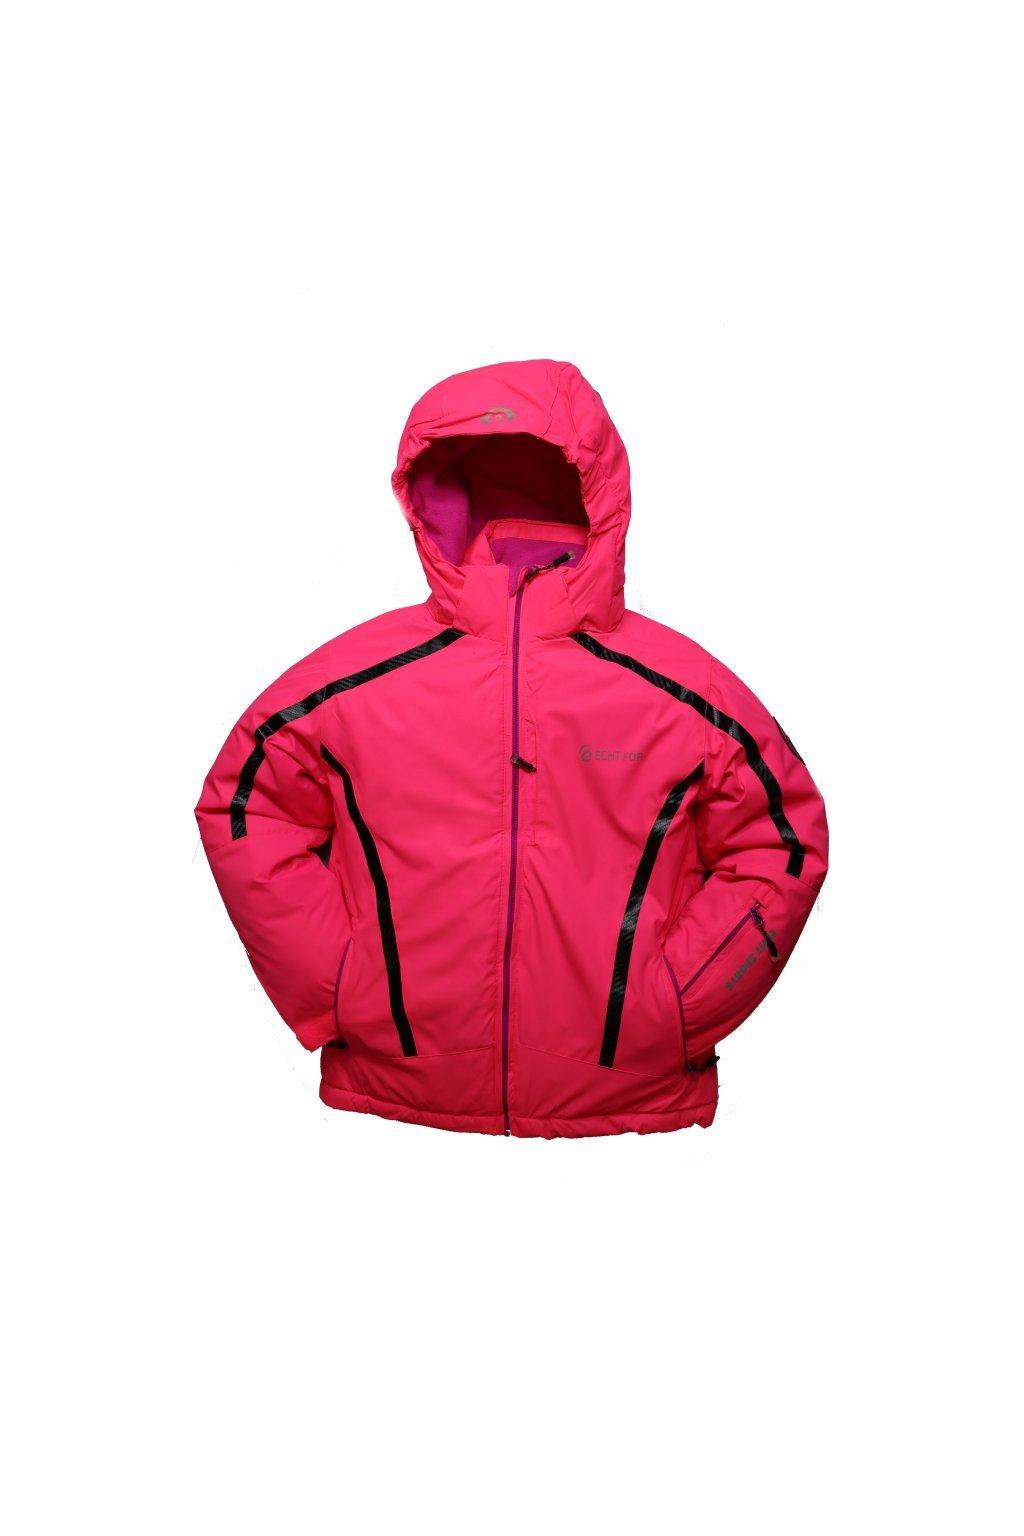 Dětská zimní bunda HA01-M1 růžová vel. 104-134 cm